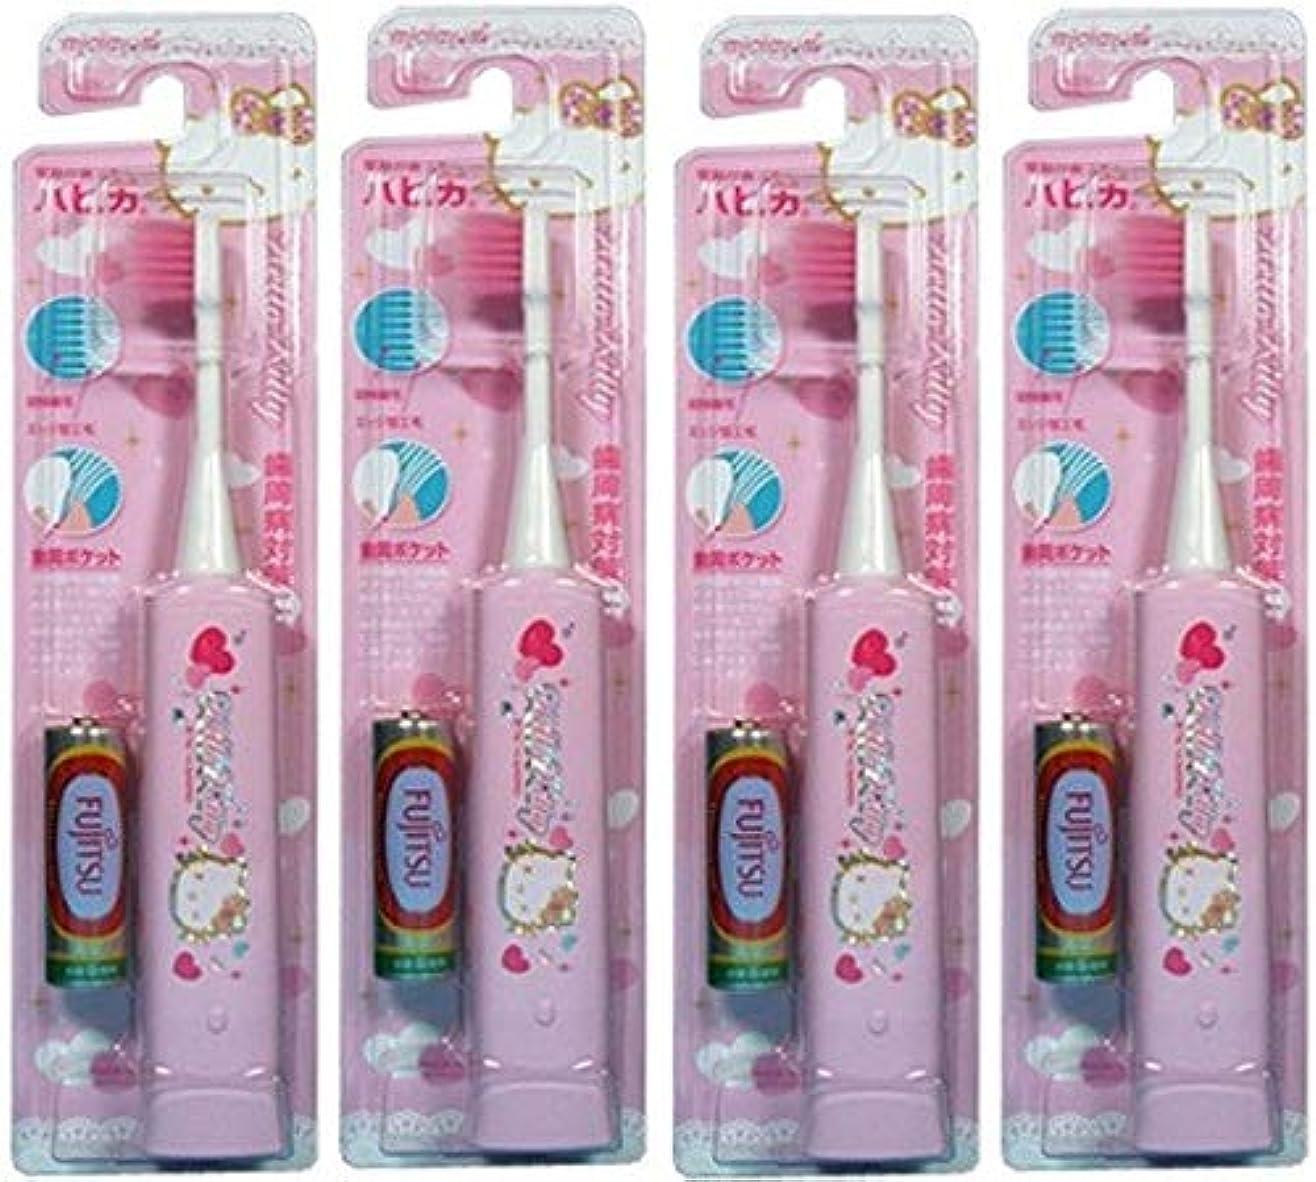 クレタ自動的にハロウィン【まとめ買い】ハローキティハピカ超極細 ピンク×4個